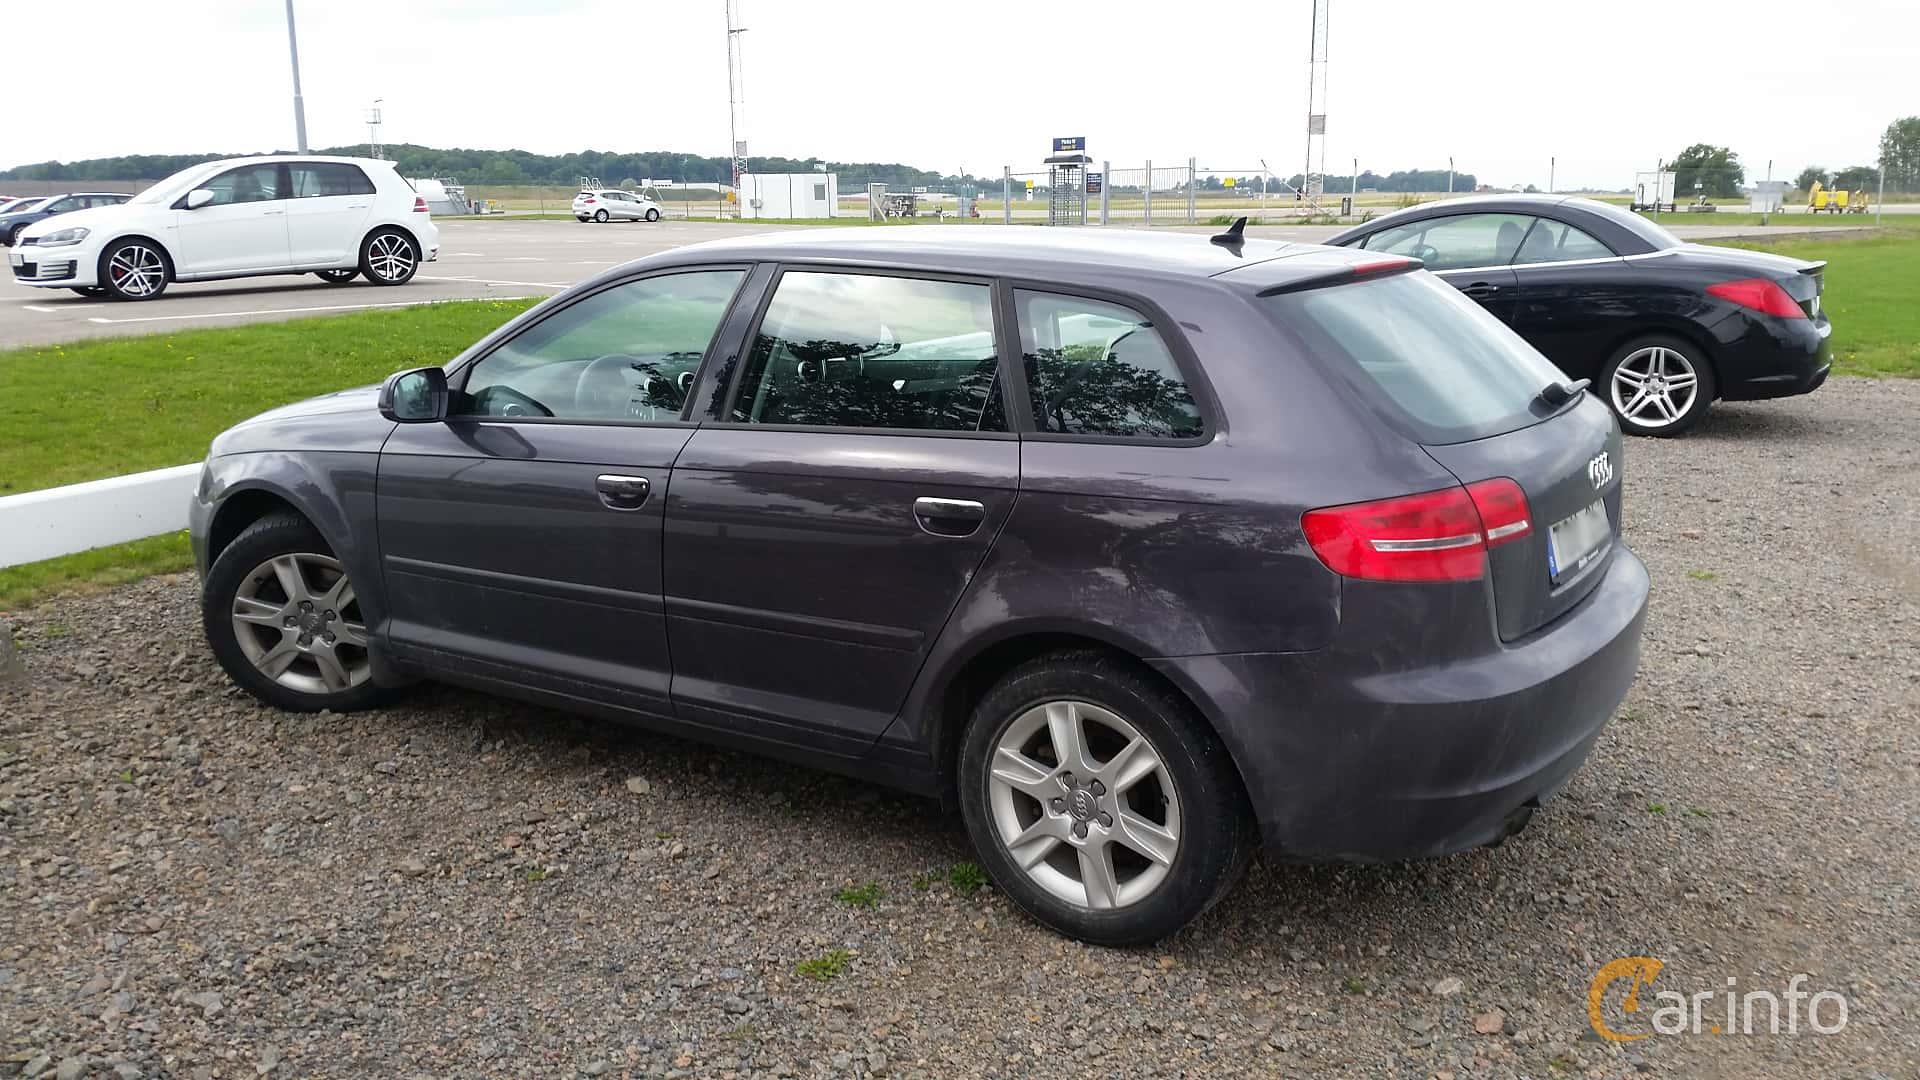 Kekurangan Audi A3 Tdi Harga